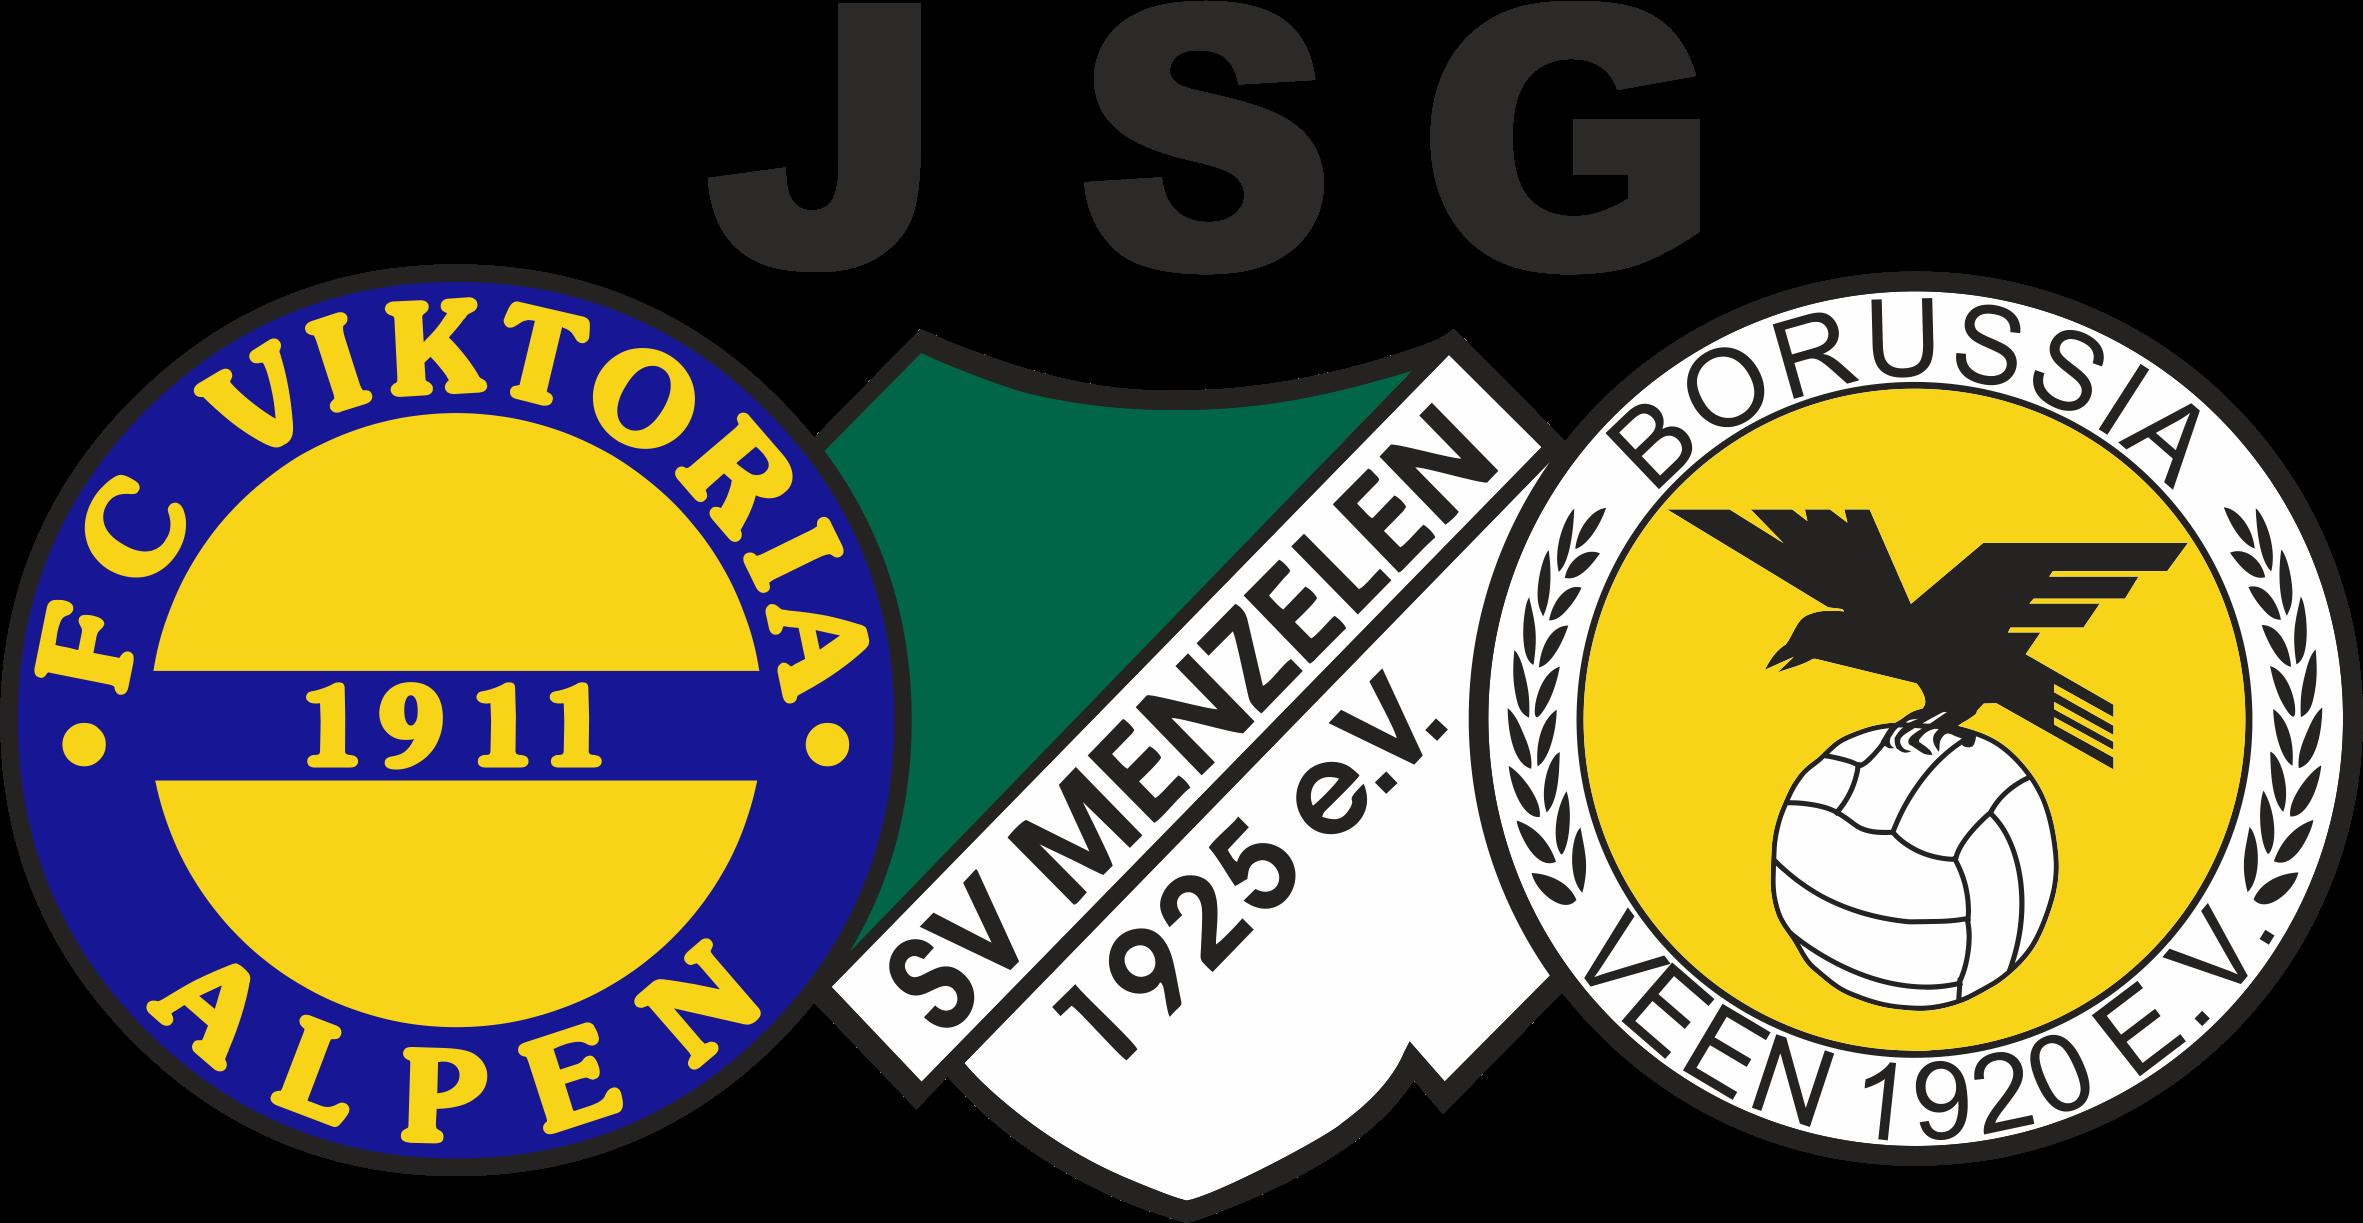 JSG Alpen-Menzelen-Veen